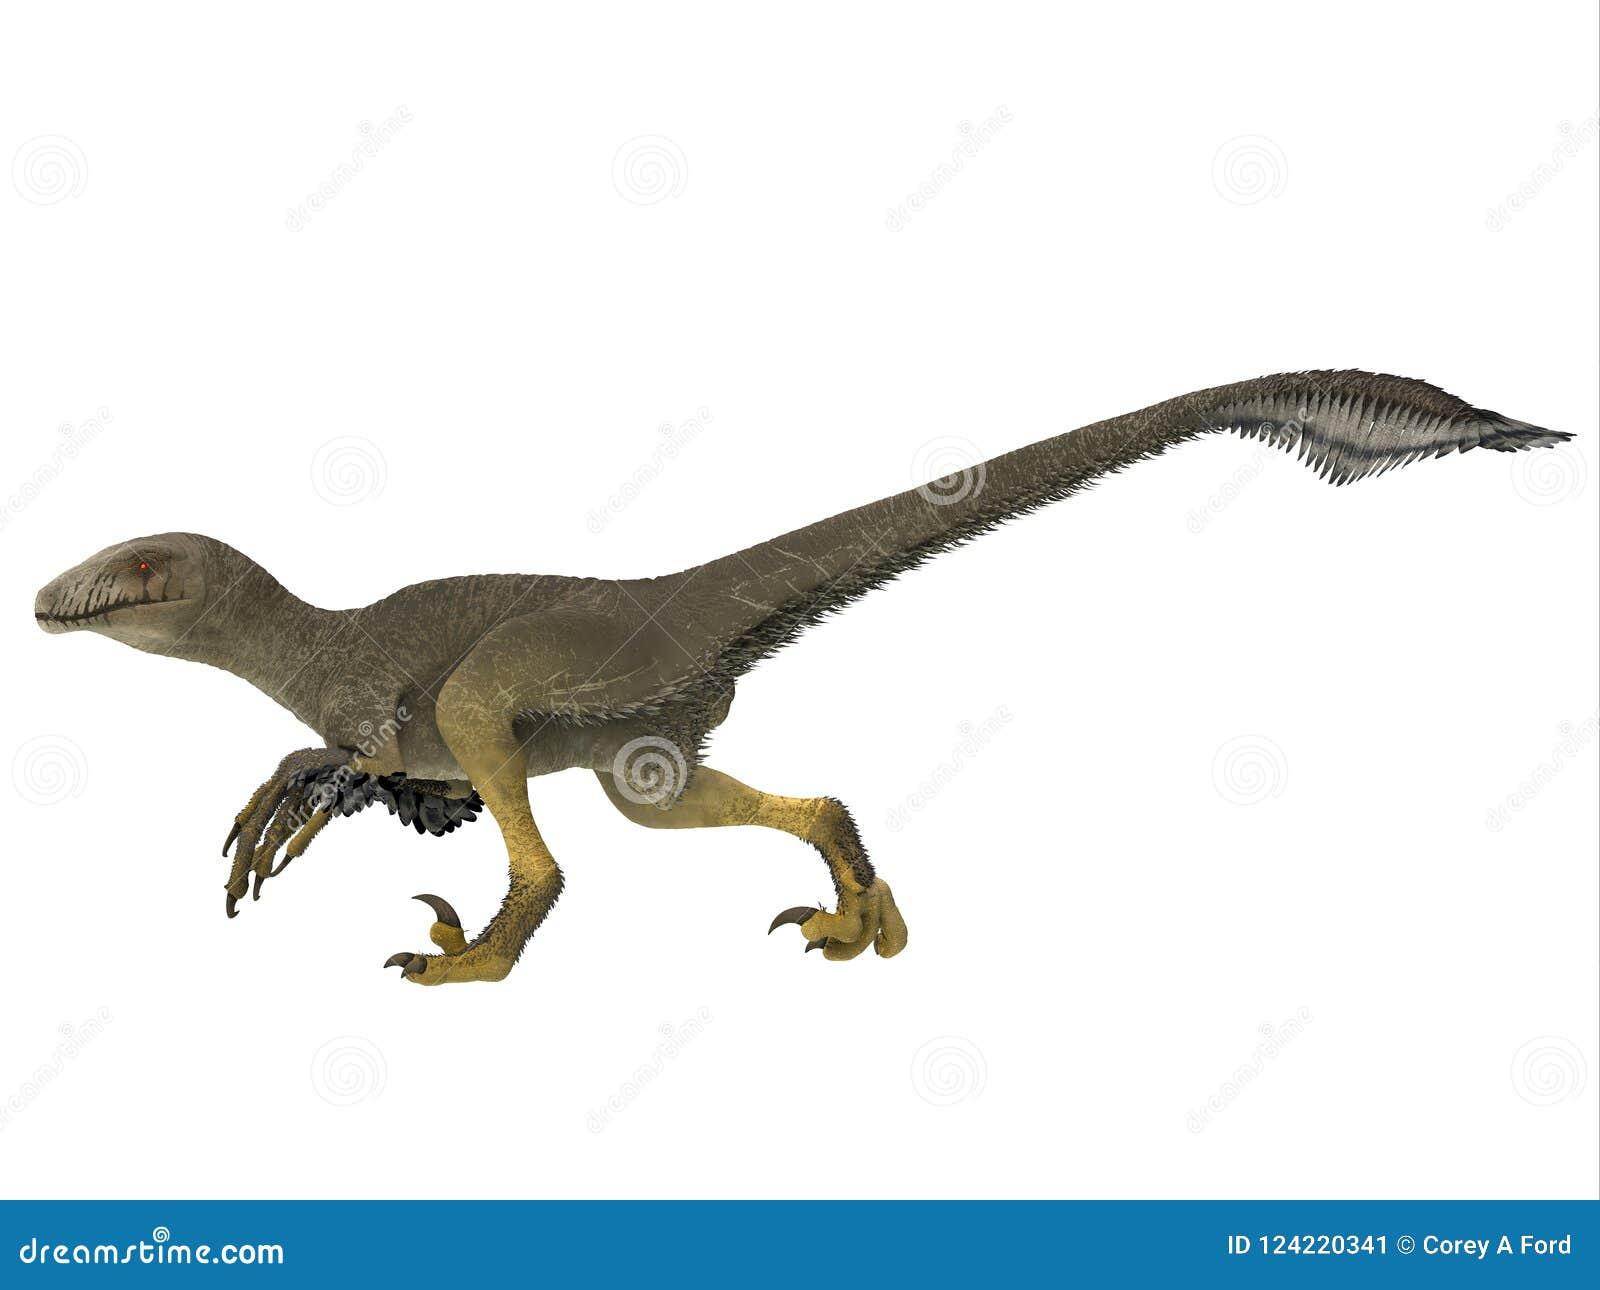 Het Zijprofiel van de Dakotaraptordinosaurus